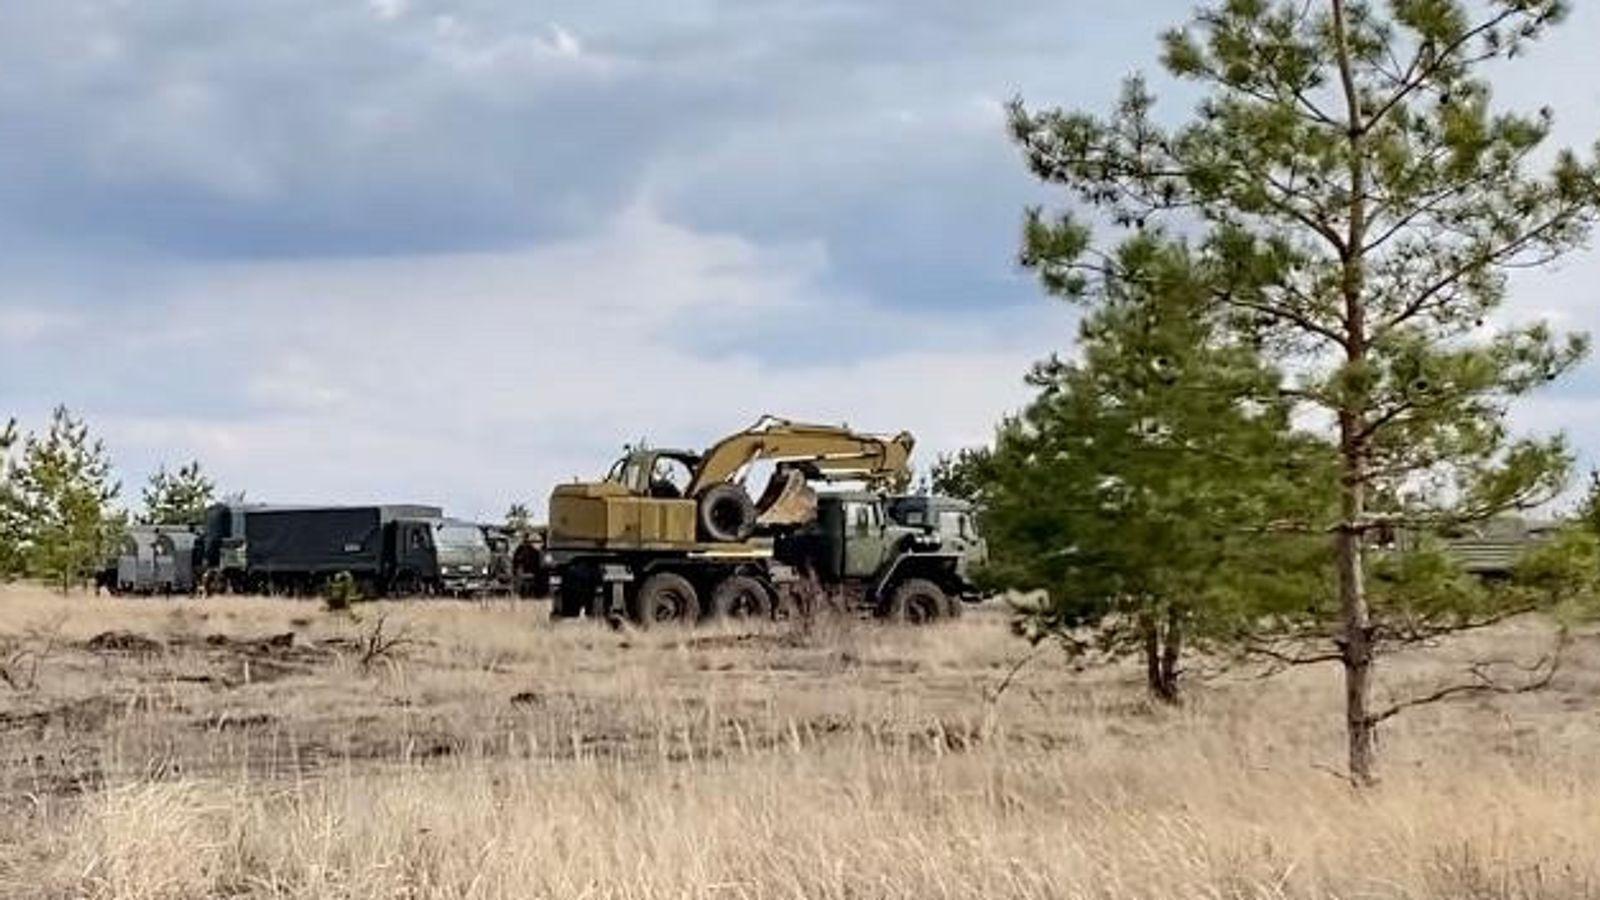 Військові вантажівки мають код 76 на держномерах